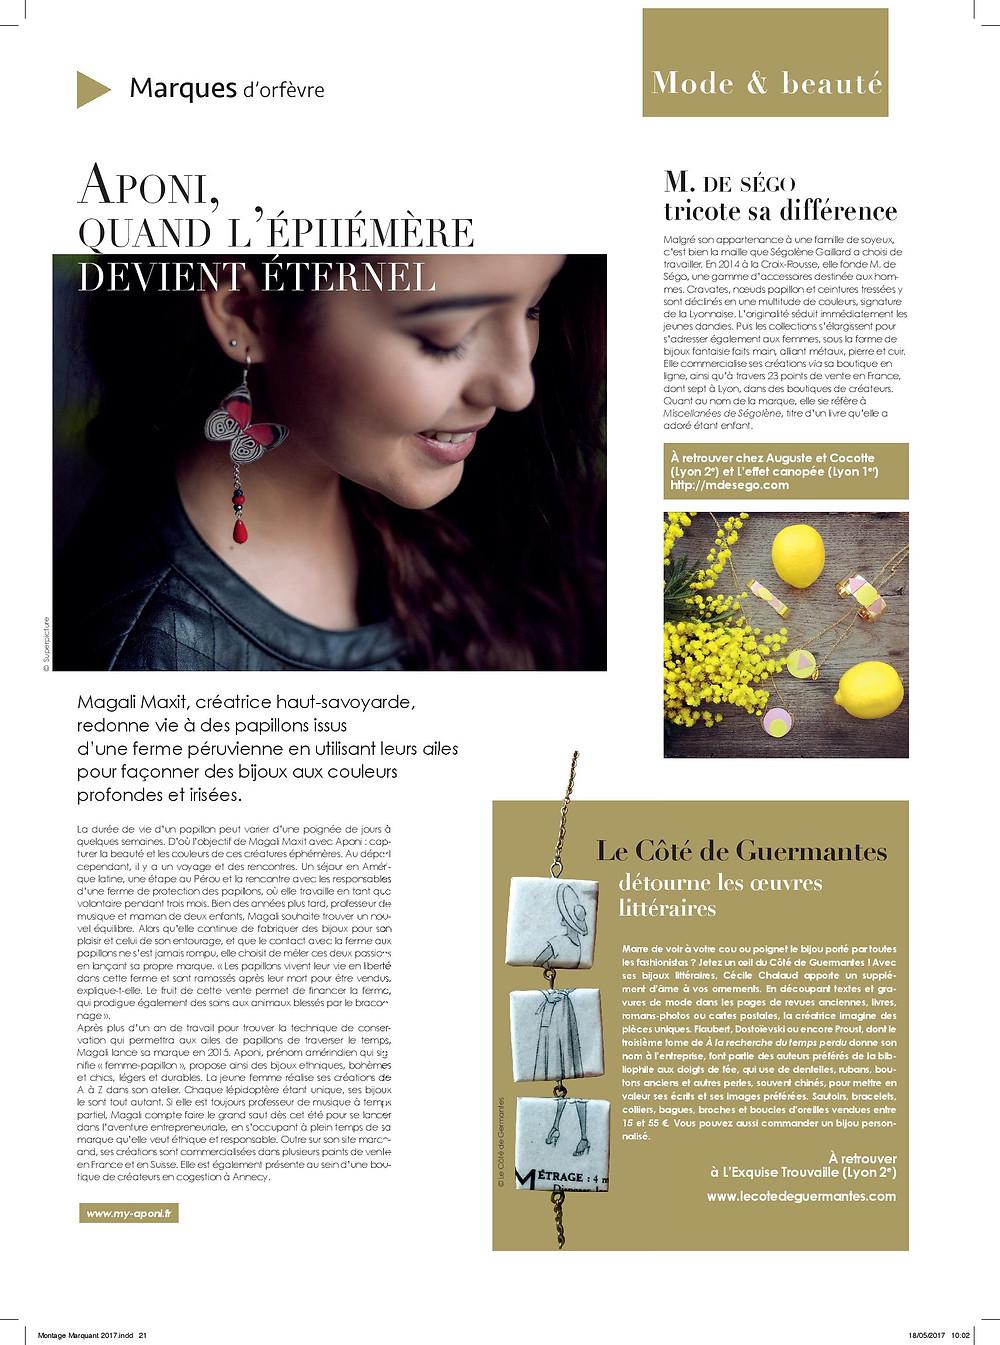 Merci au Tout Lyon magazine pour cette interviw qui résume l'histoire et la démarche éthique d'Aponi.